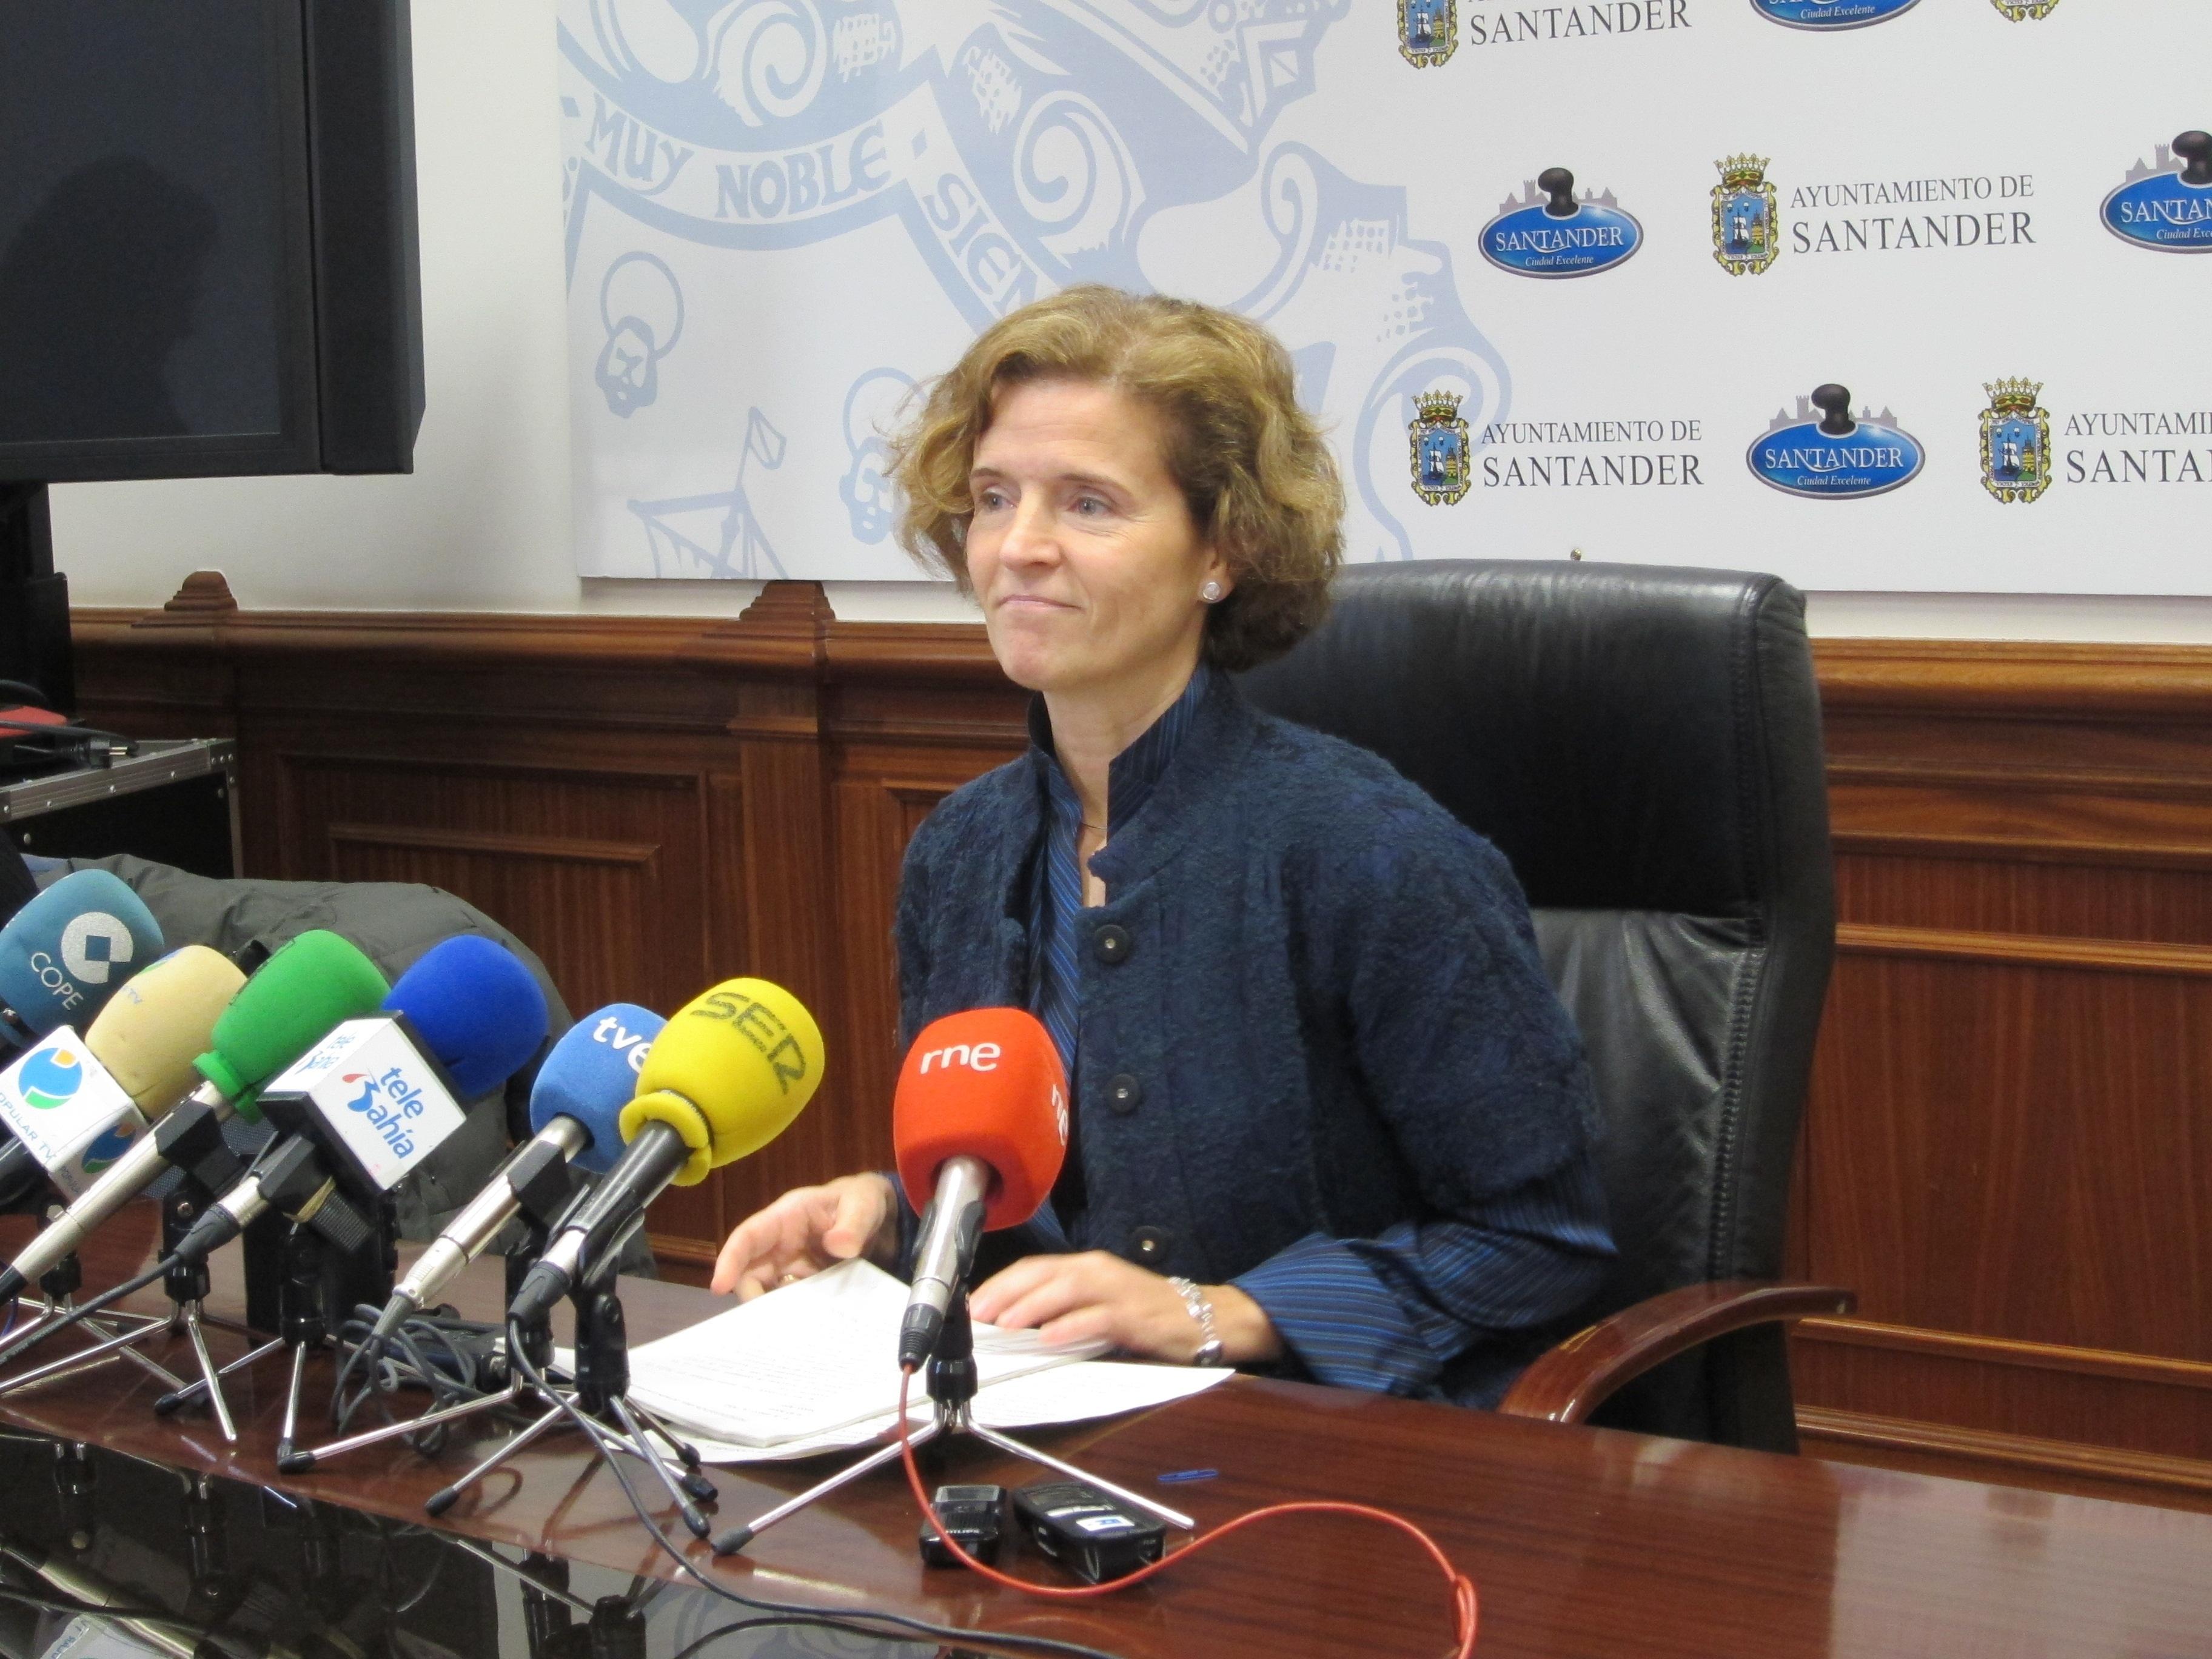 Aprobada la bonificación del 100% de la tasa para las aperturas de la segunda empresa en el municipio